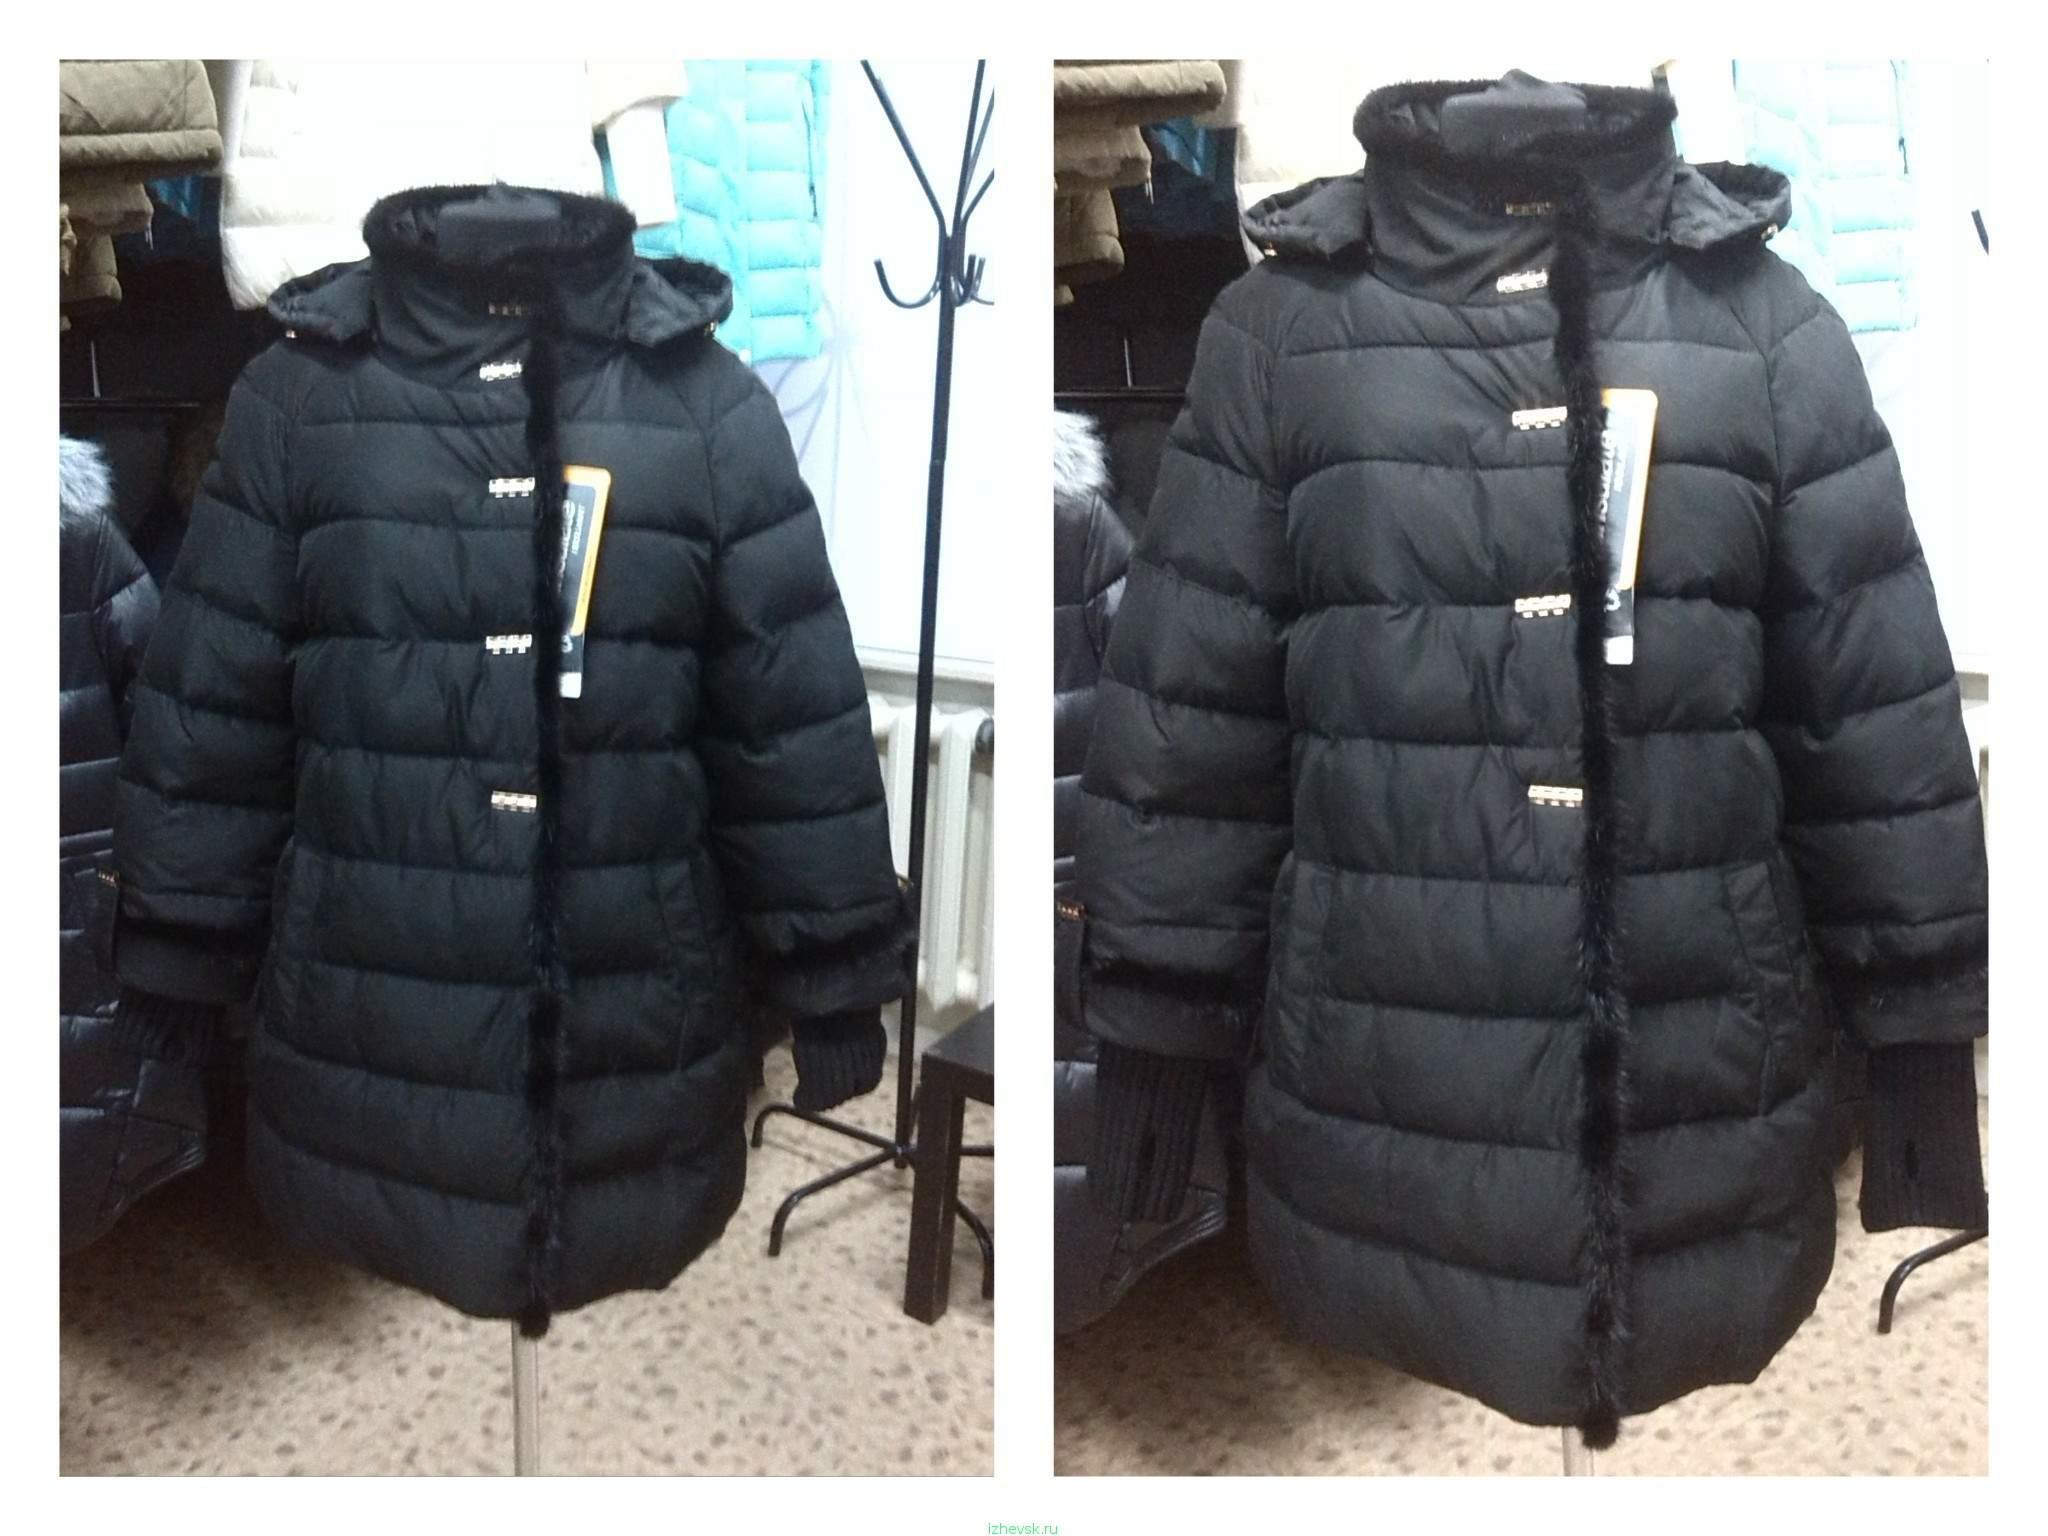 Купить Зимнюю Куртку Ижевске